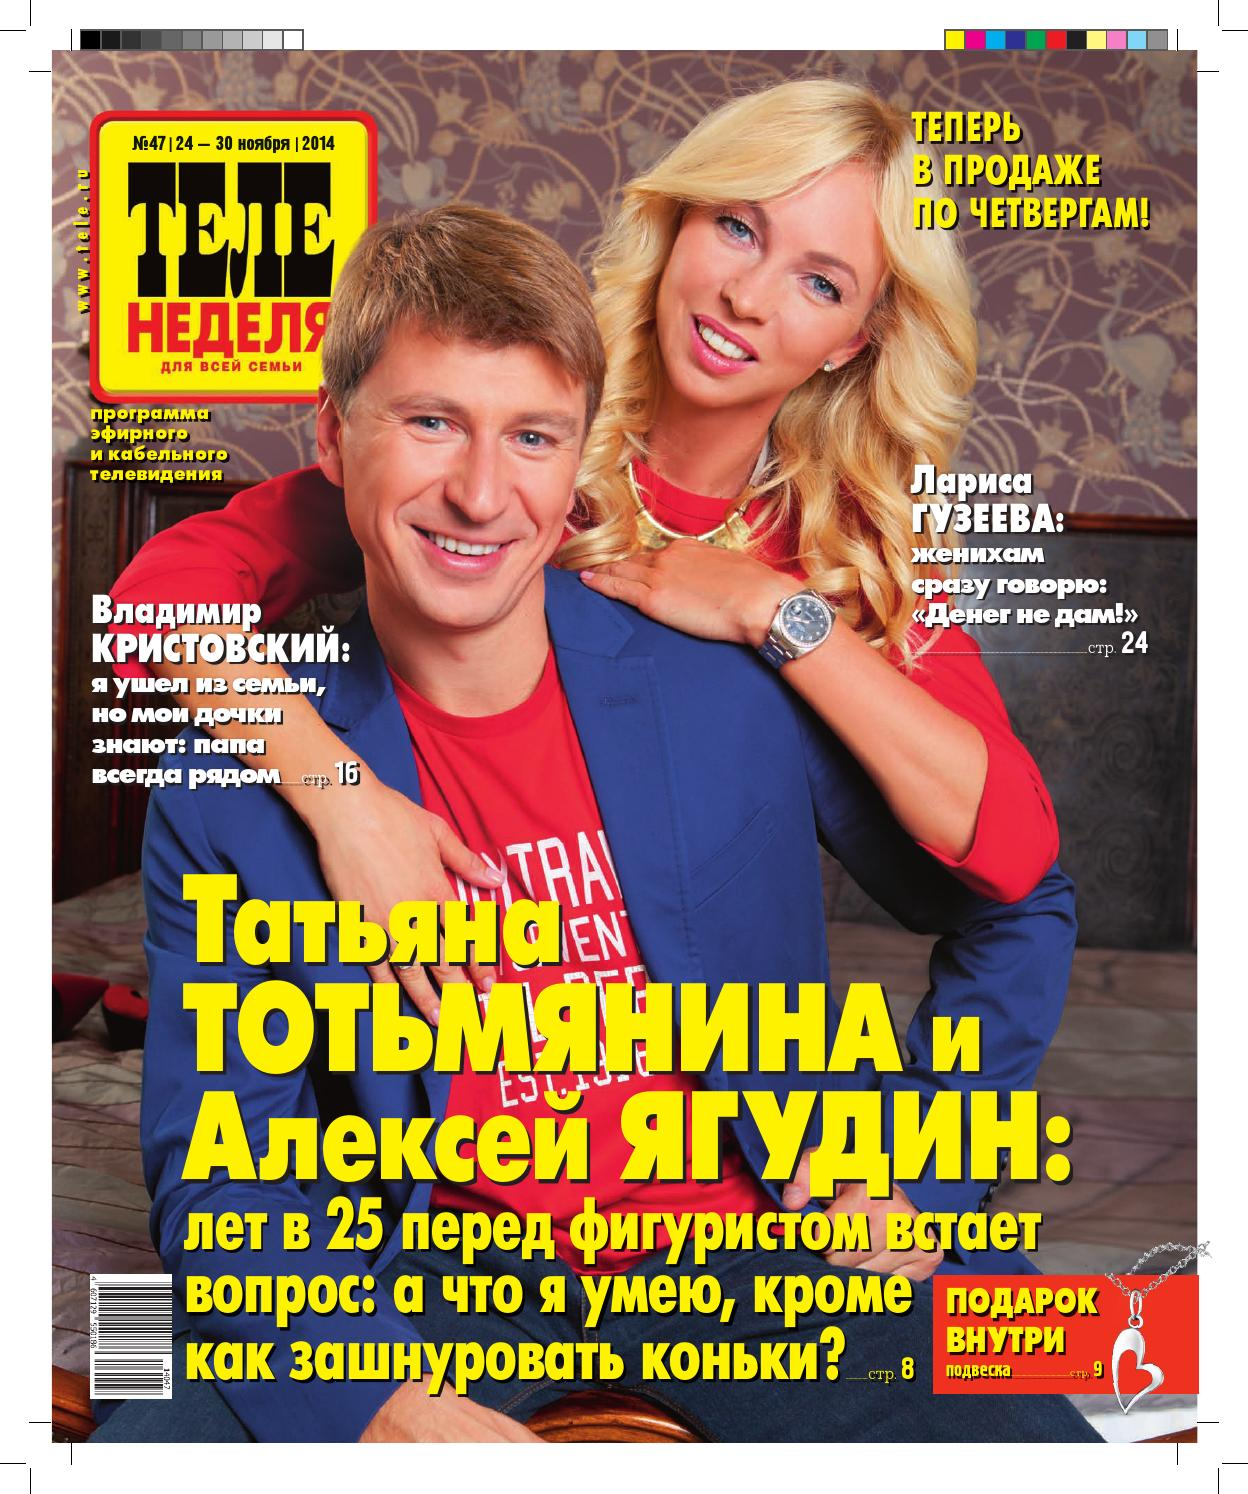 ocherednaya-dura-soglasilas-s-dvumya-srazu-lyubitelskoe